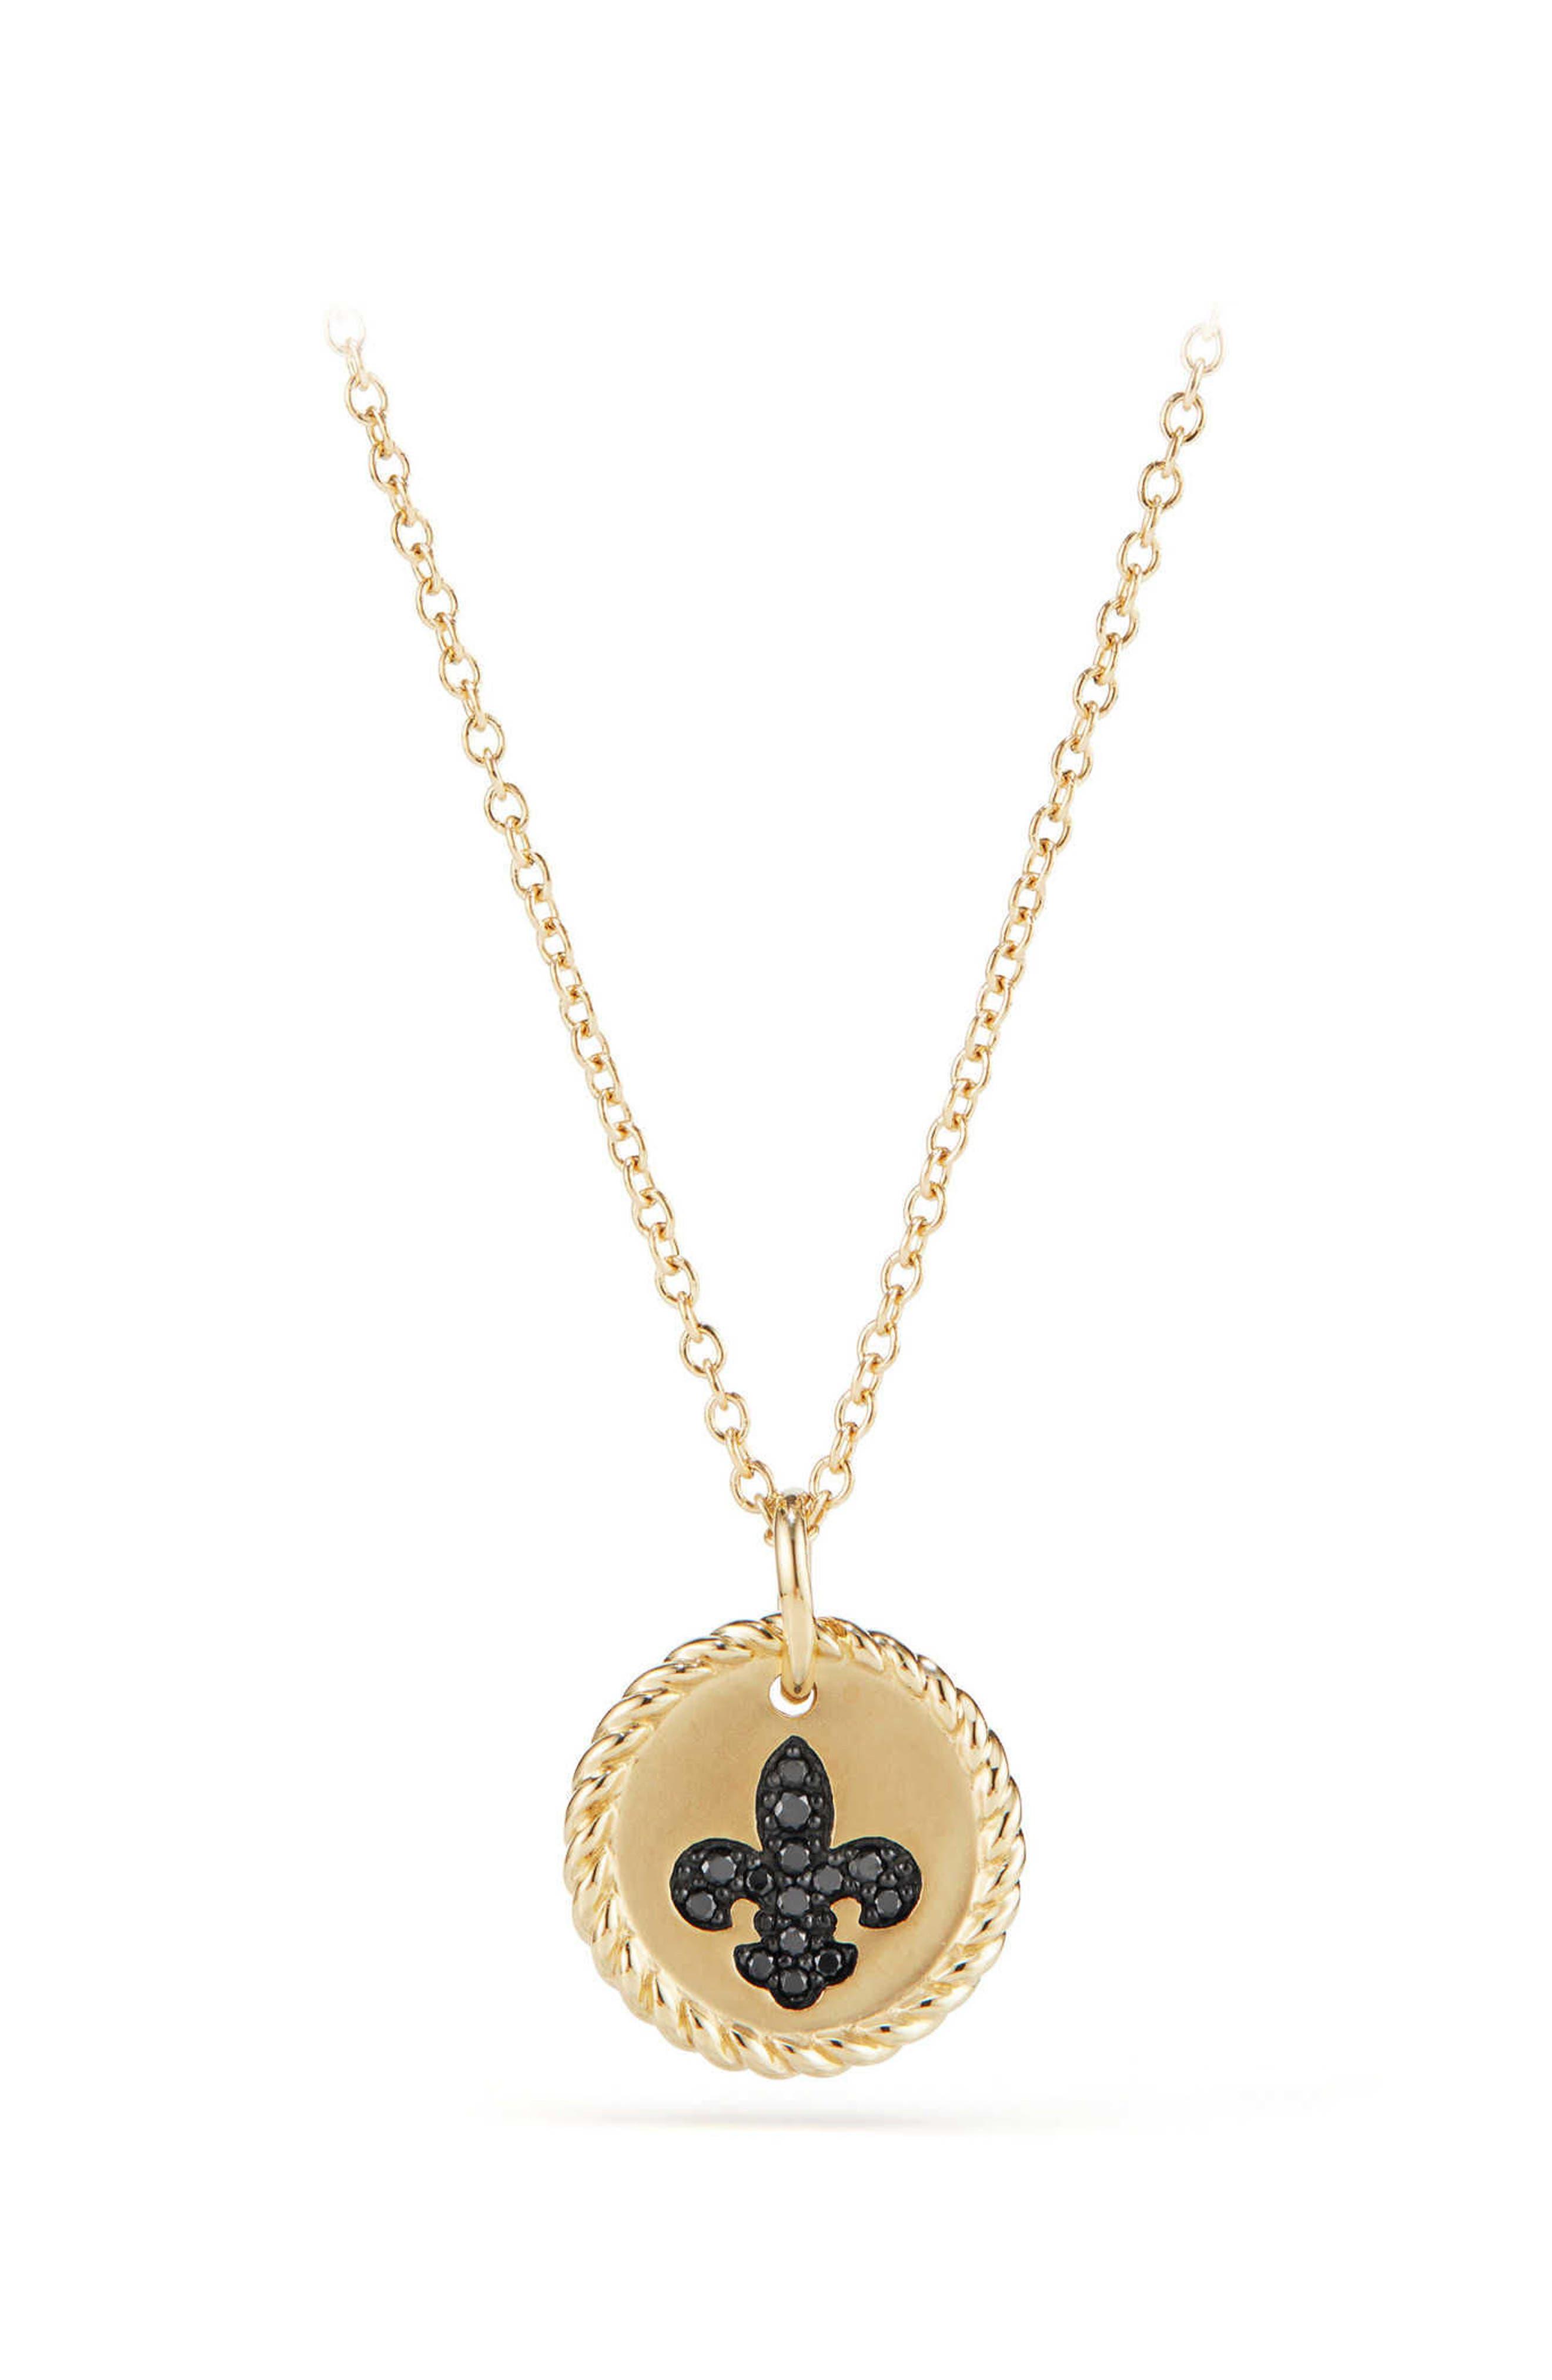 Cable Collectibles Fleur de Lis Necklace with Black Diamonds in 18K Gold,                             Main thumbnail 1, color,                             001